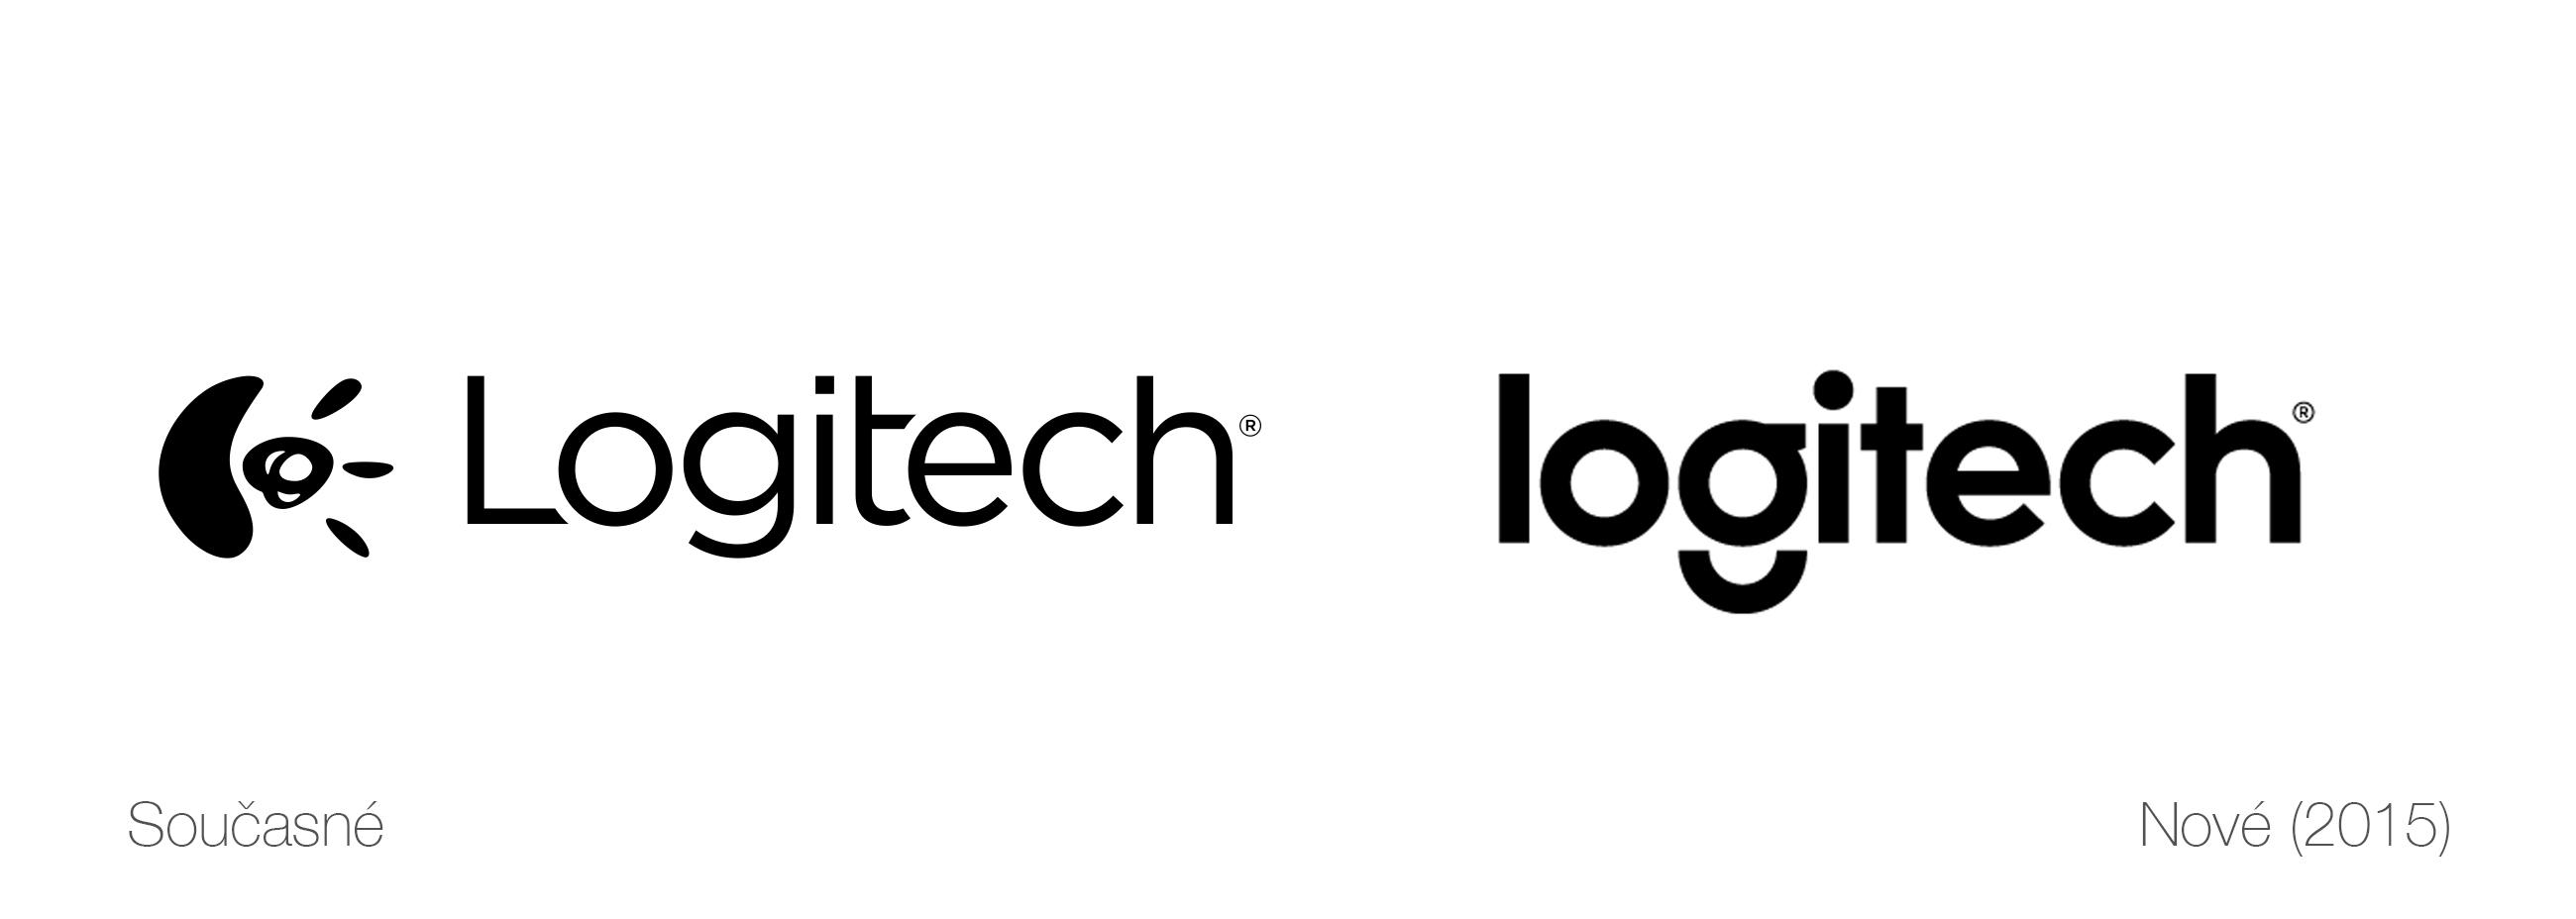 logitech-new-vs-old-logo